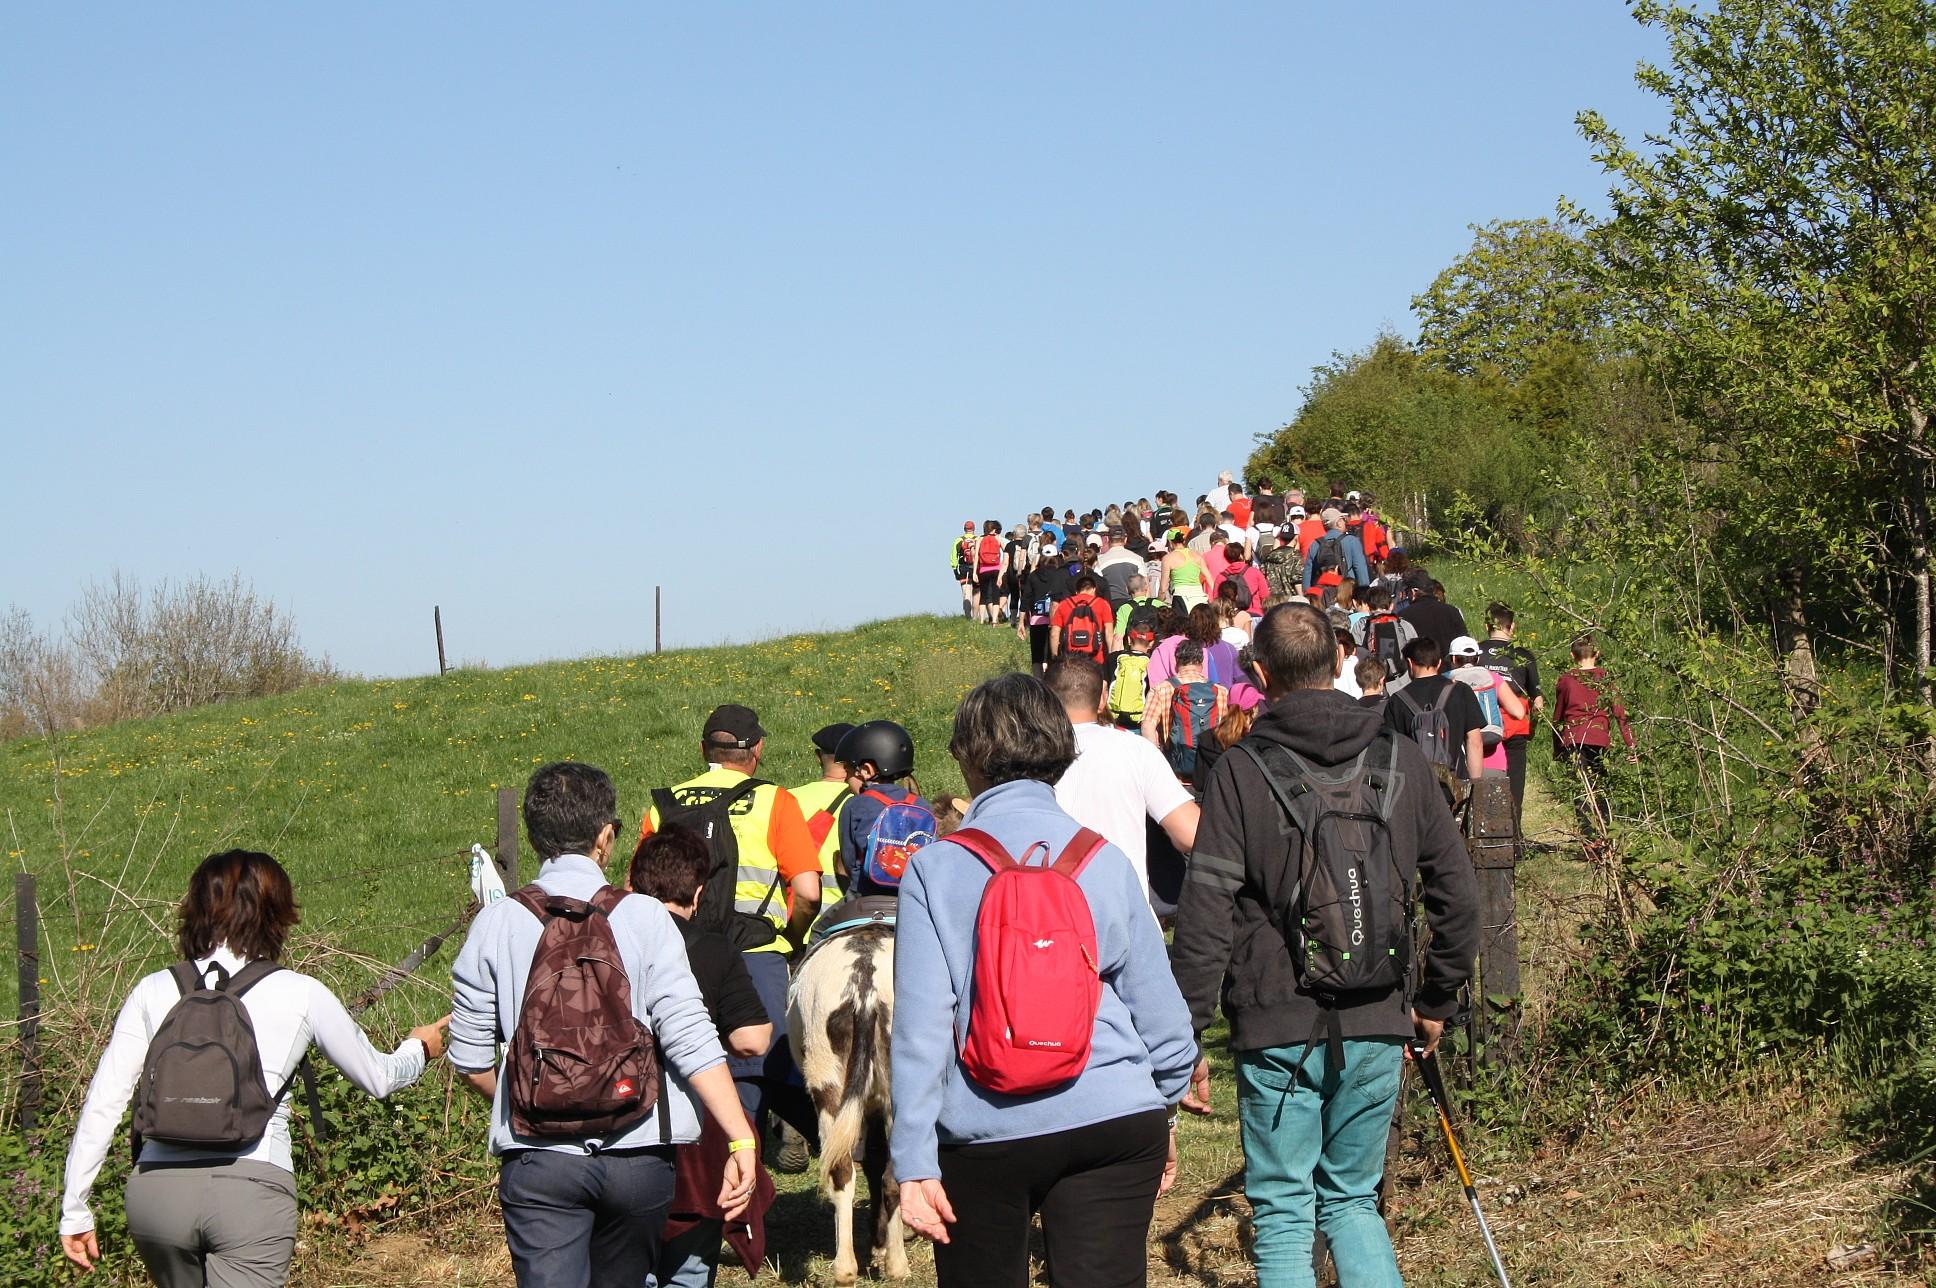 2017-04-09 - Trail-Montfaucon-Juliette (114)